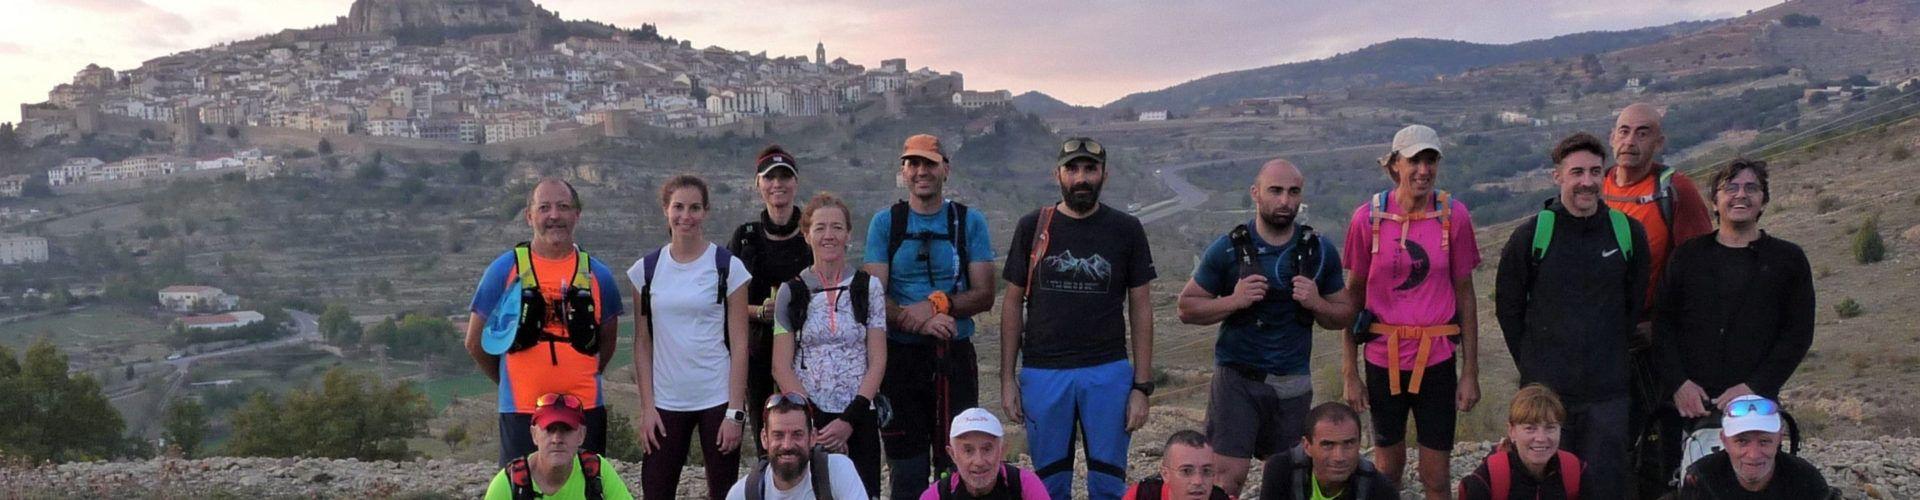 De Benicarló a Morella, a peu en un sol dia (65 quilòmetres)